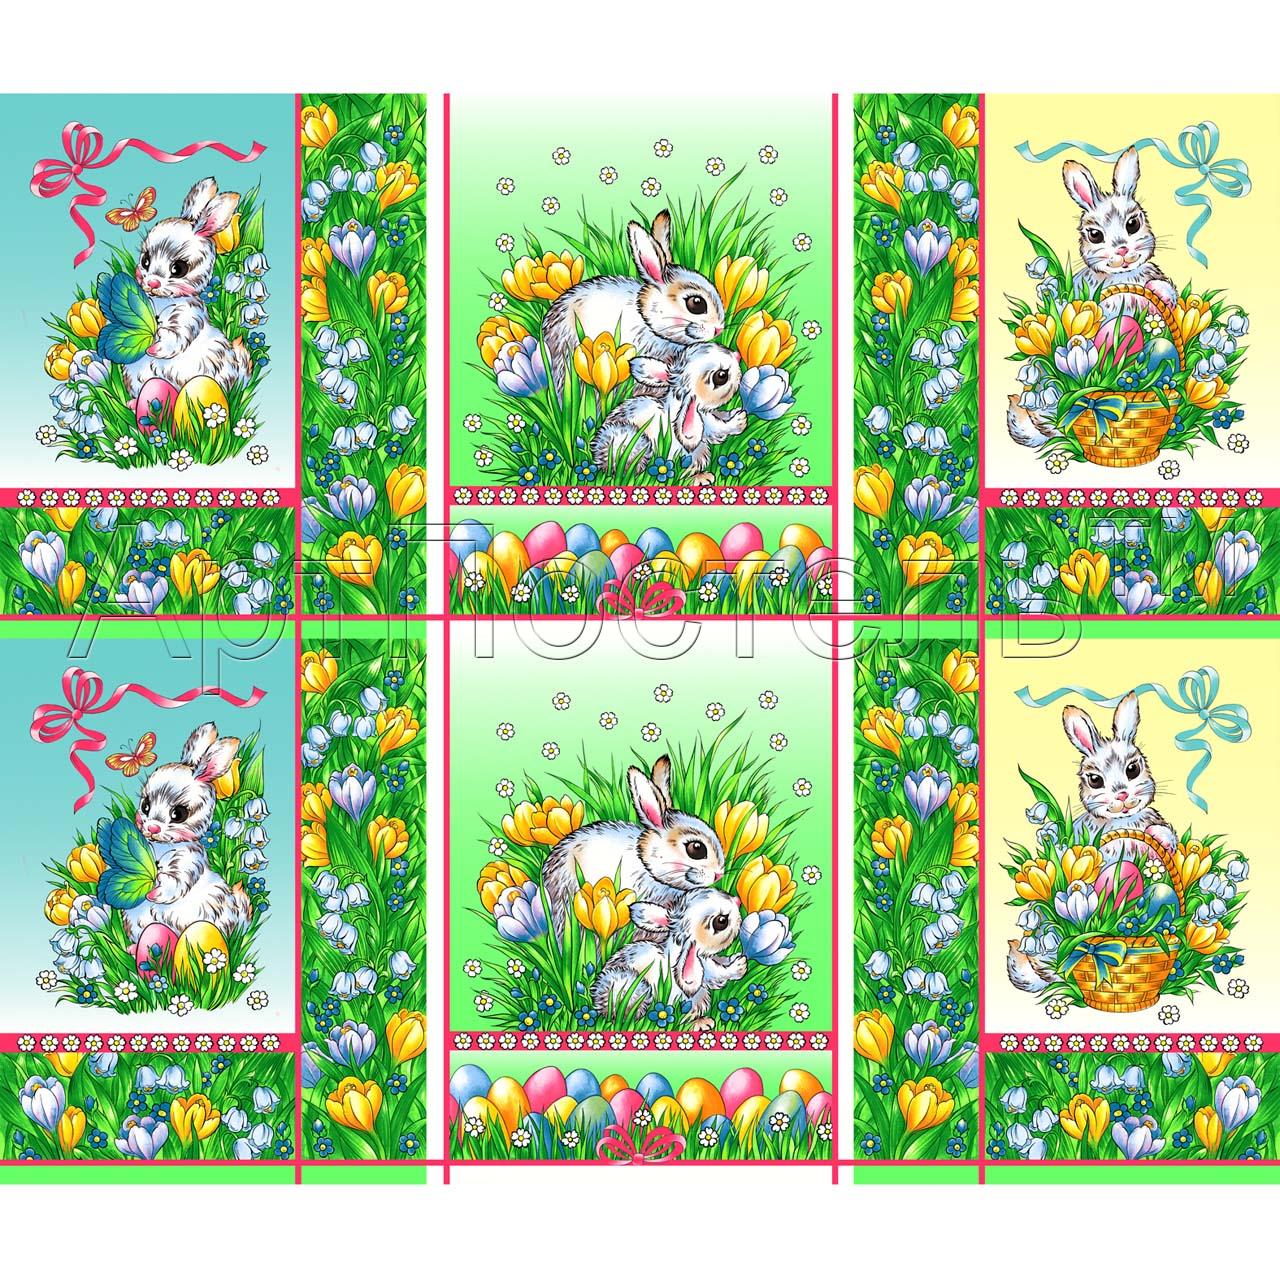 Набор полотенец Светлый праздник р. 45х60Вафельные полотенца<br>Плотность:160 г/кв. м<br><br>Тип: Набор полотенец<br>Размер: 45х60<br>Материал: Вафельное полотно